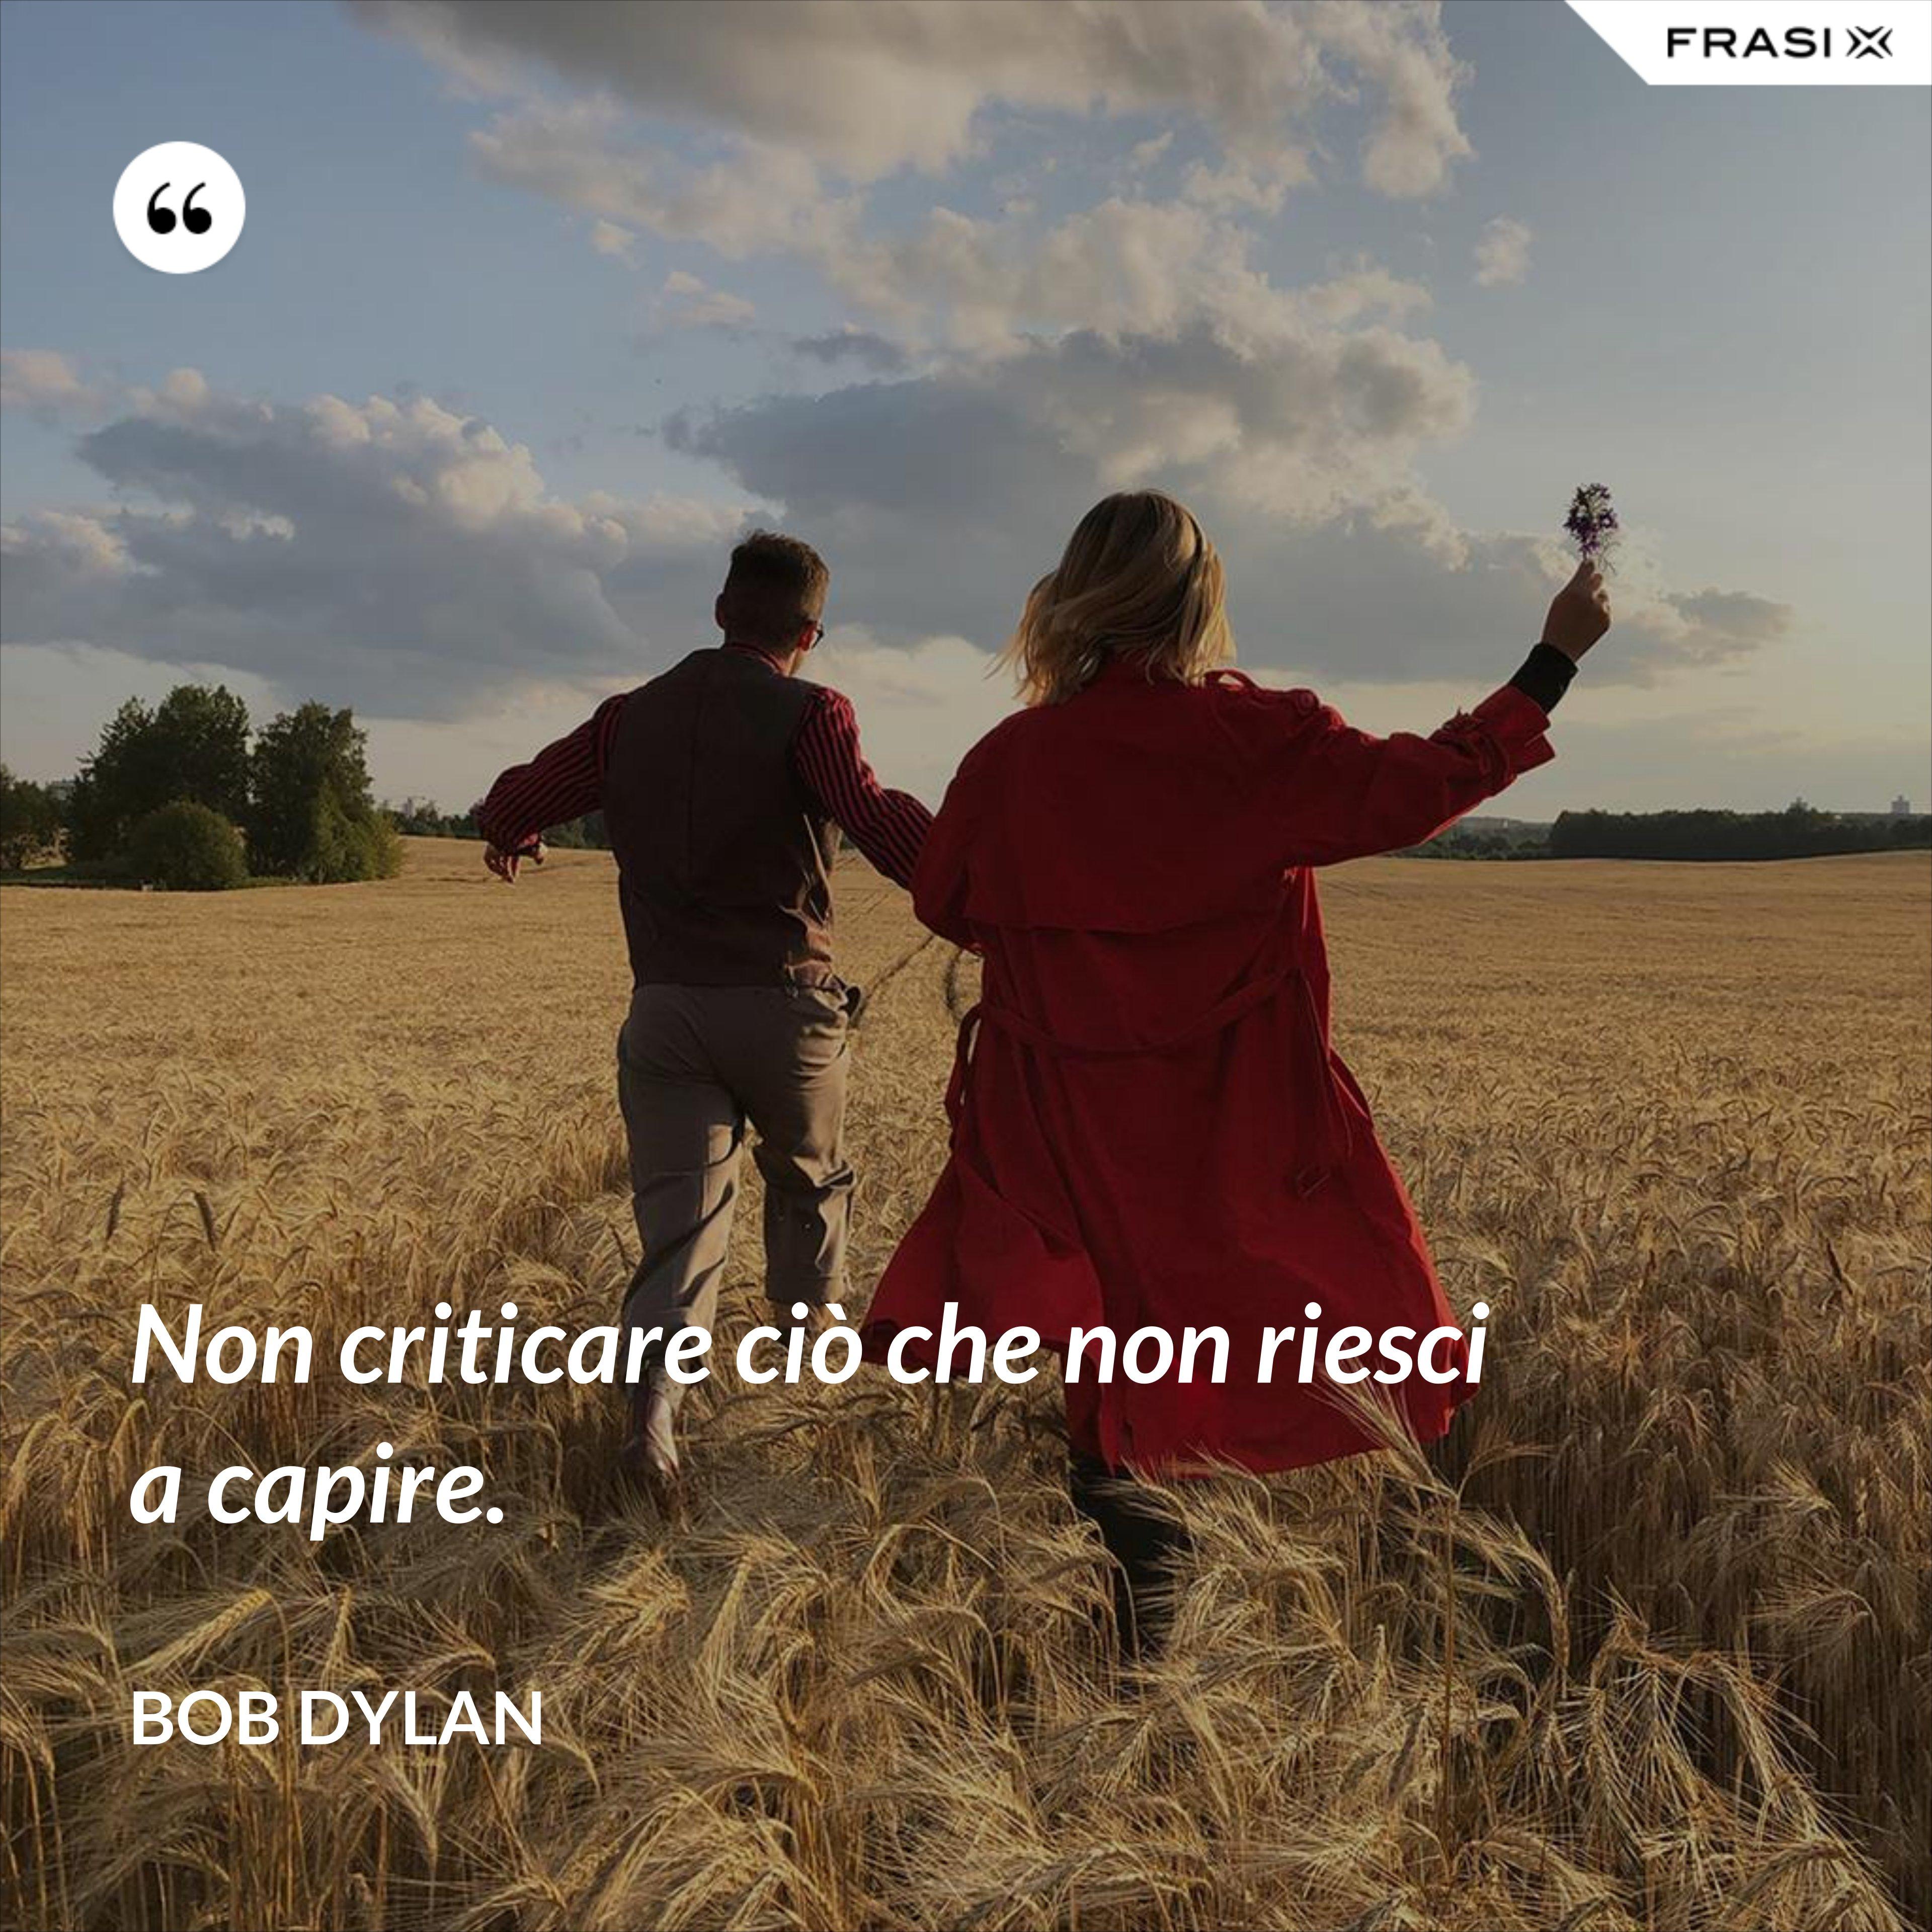 Non criticare ciò che non riesci a capire. - Bob Dylan